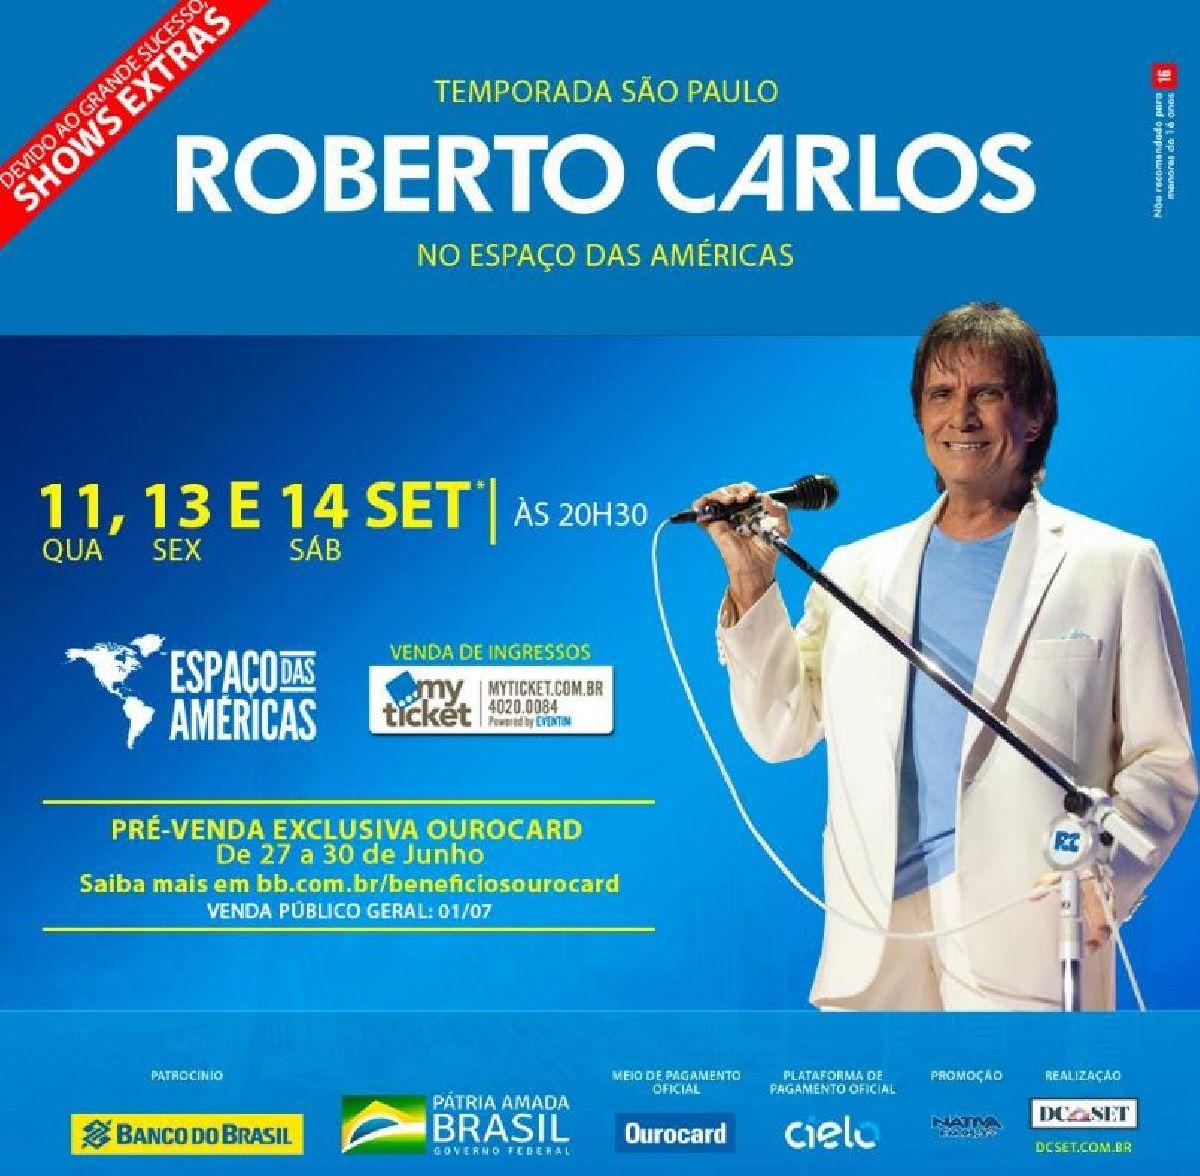 DEVIDO AO GRANDE SUCESSO, ROBERTO CARLOS, Orquestra e Coral NO ESPAÇO DAS AMÉRICAS, EM SÃO PAULO